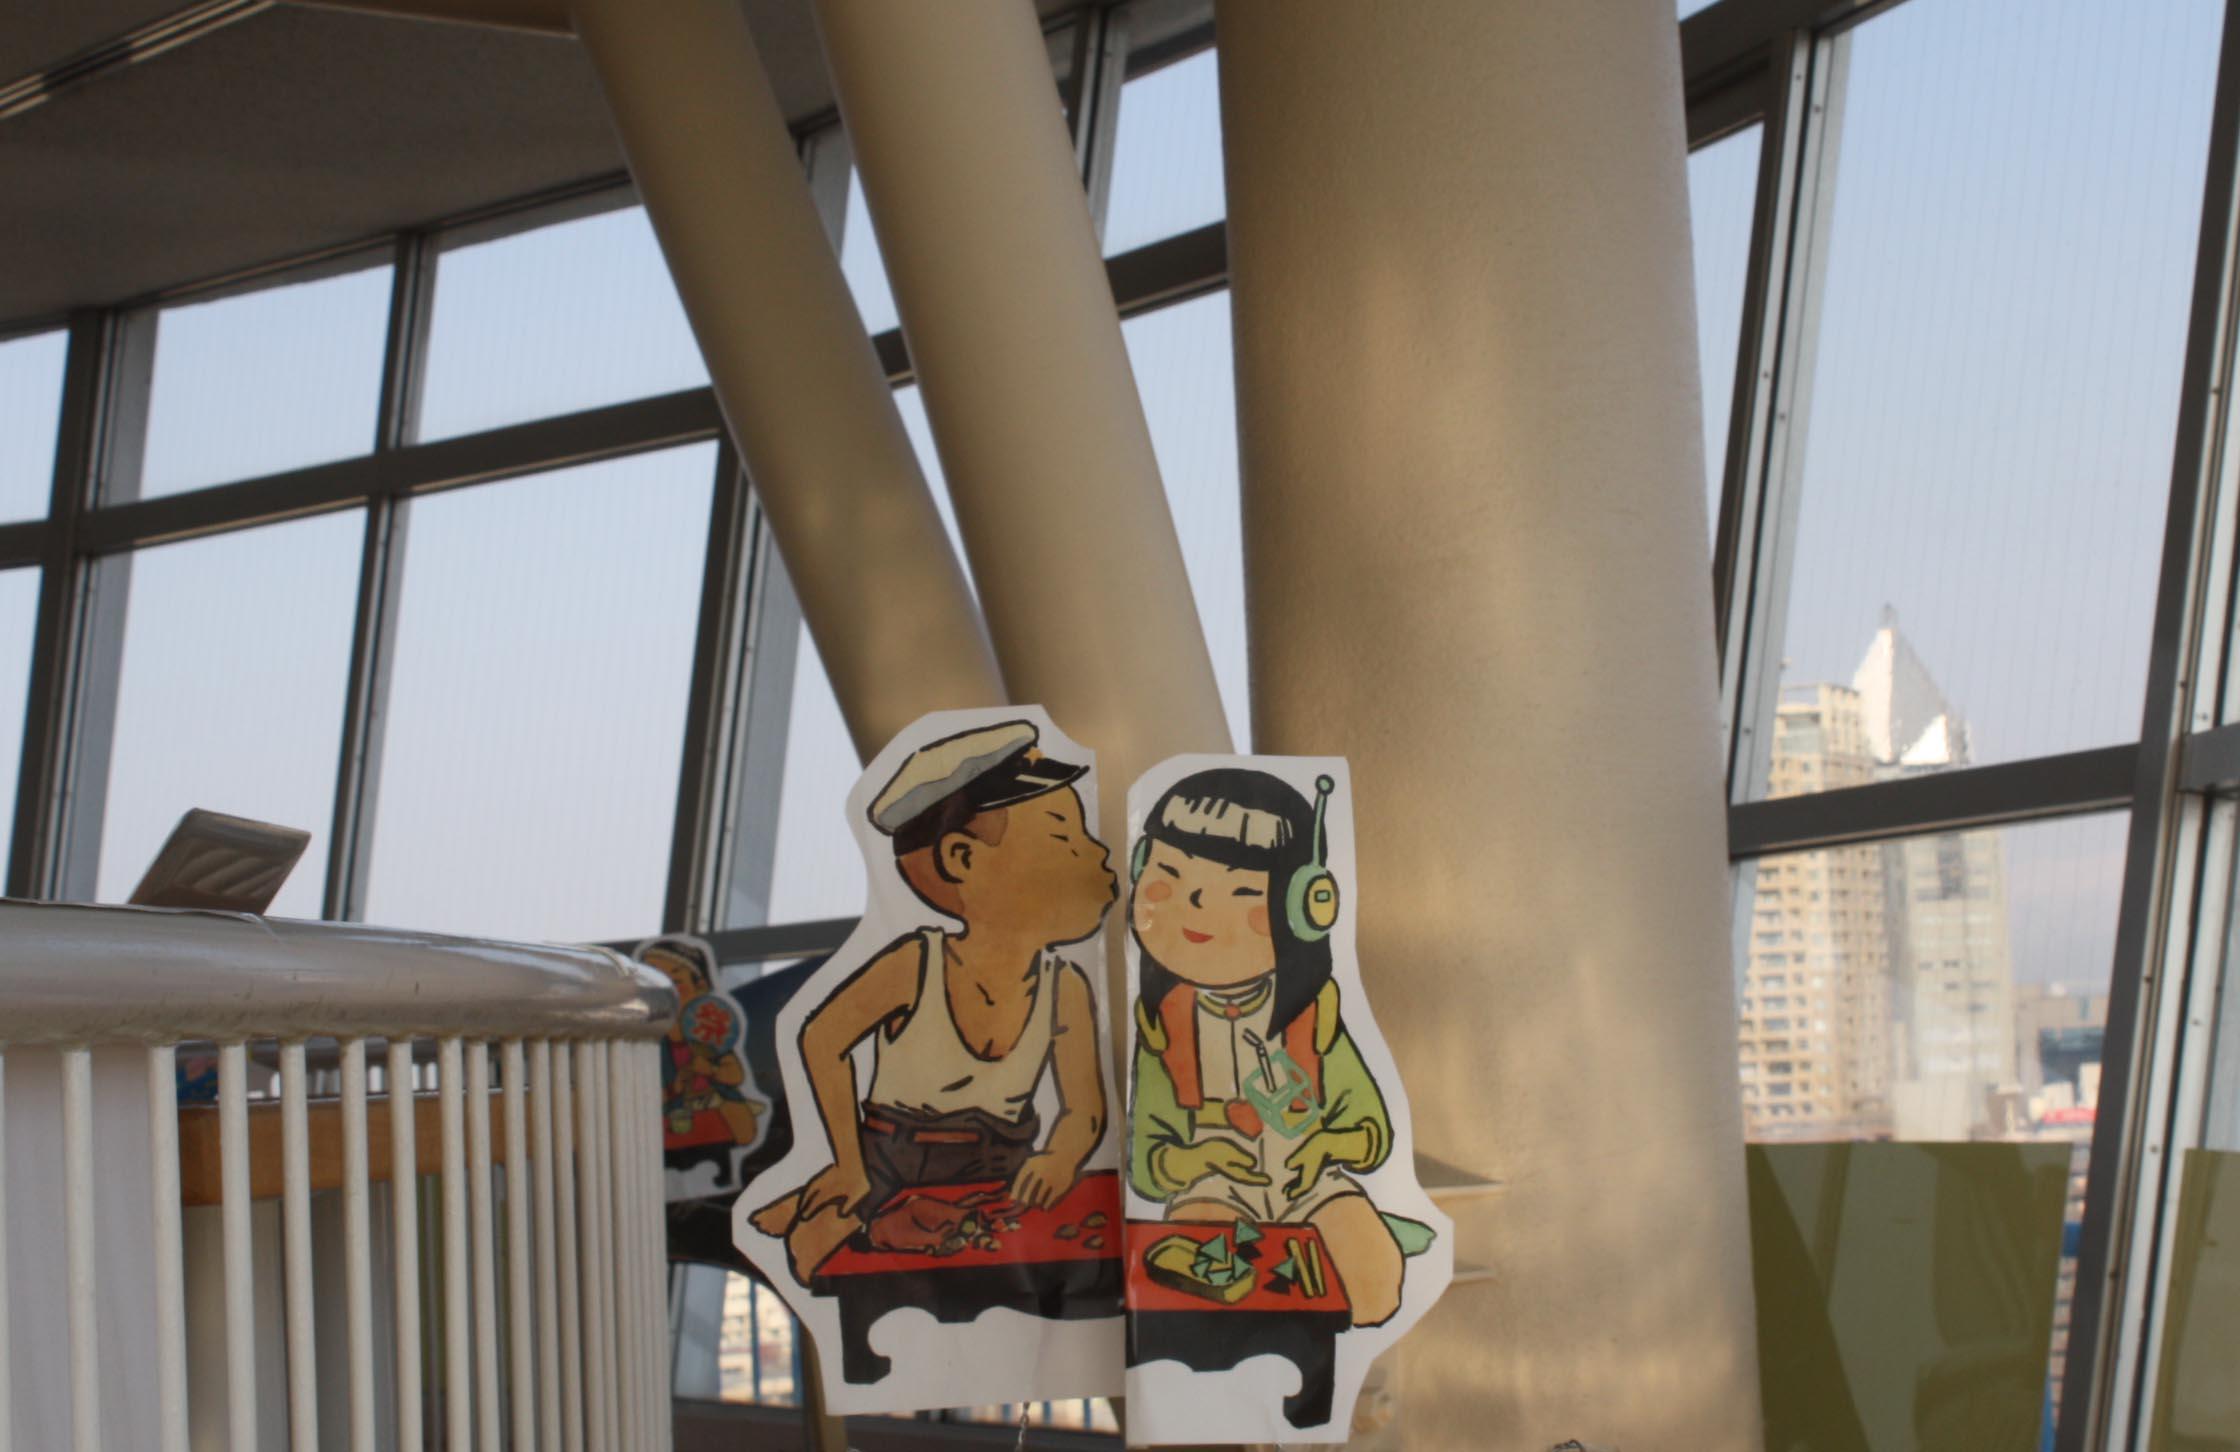 『春山登山2014展』が始まり、日本海タワーでチーム蔵織も参加しています。_d0178448_16425707.jpg